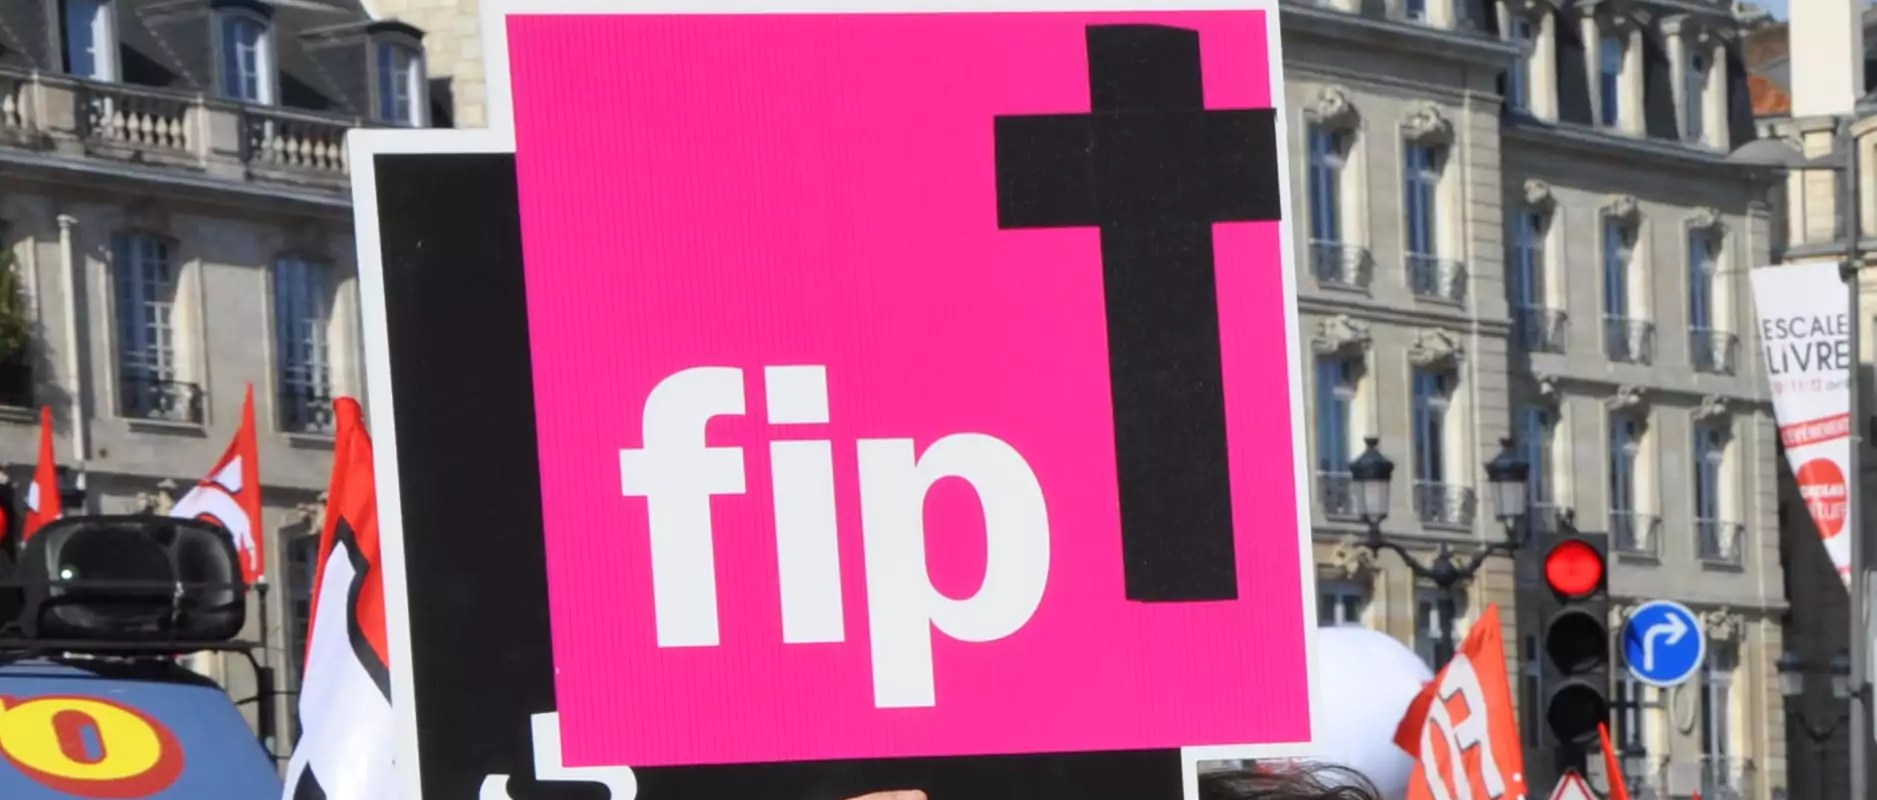 Mardi 3 octobre au TNS, soirée de mobilisation pour le maintien de l'antenne locale de Fip